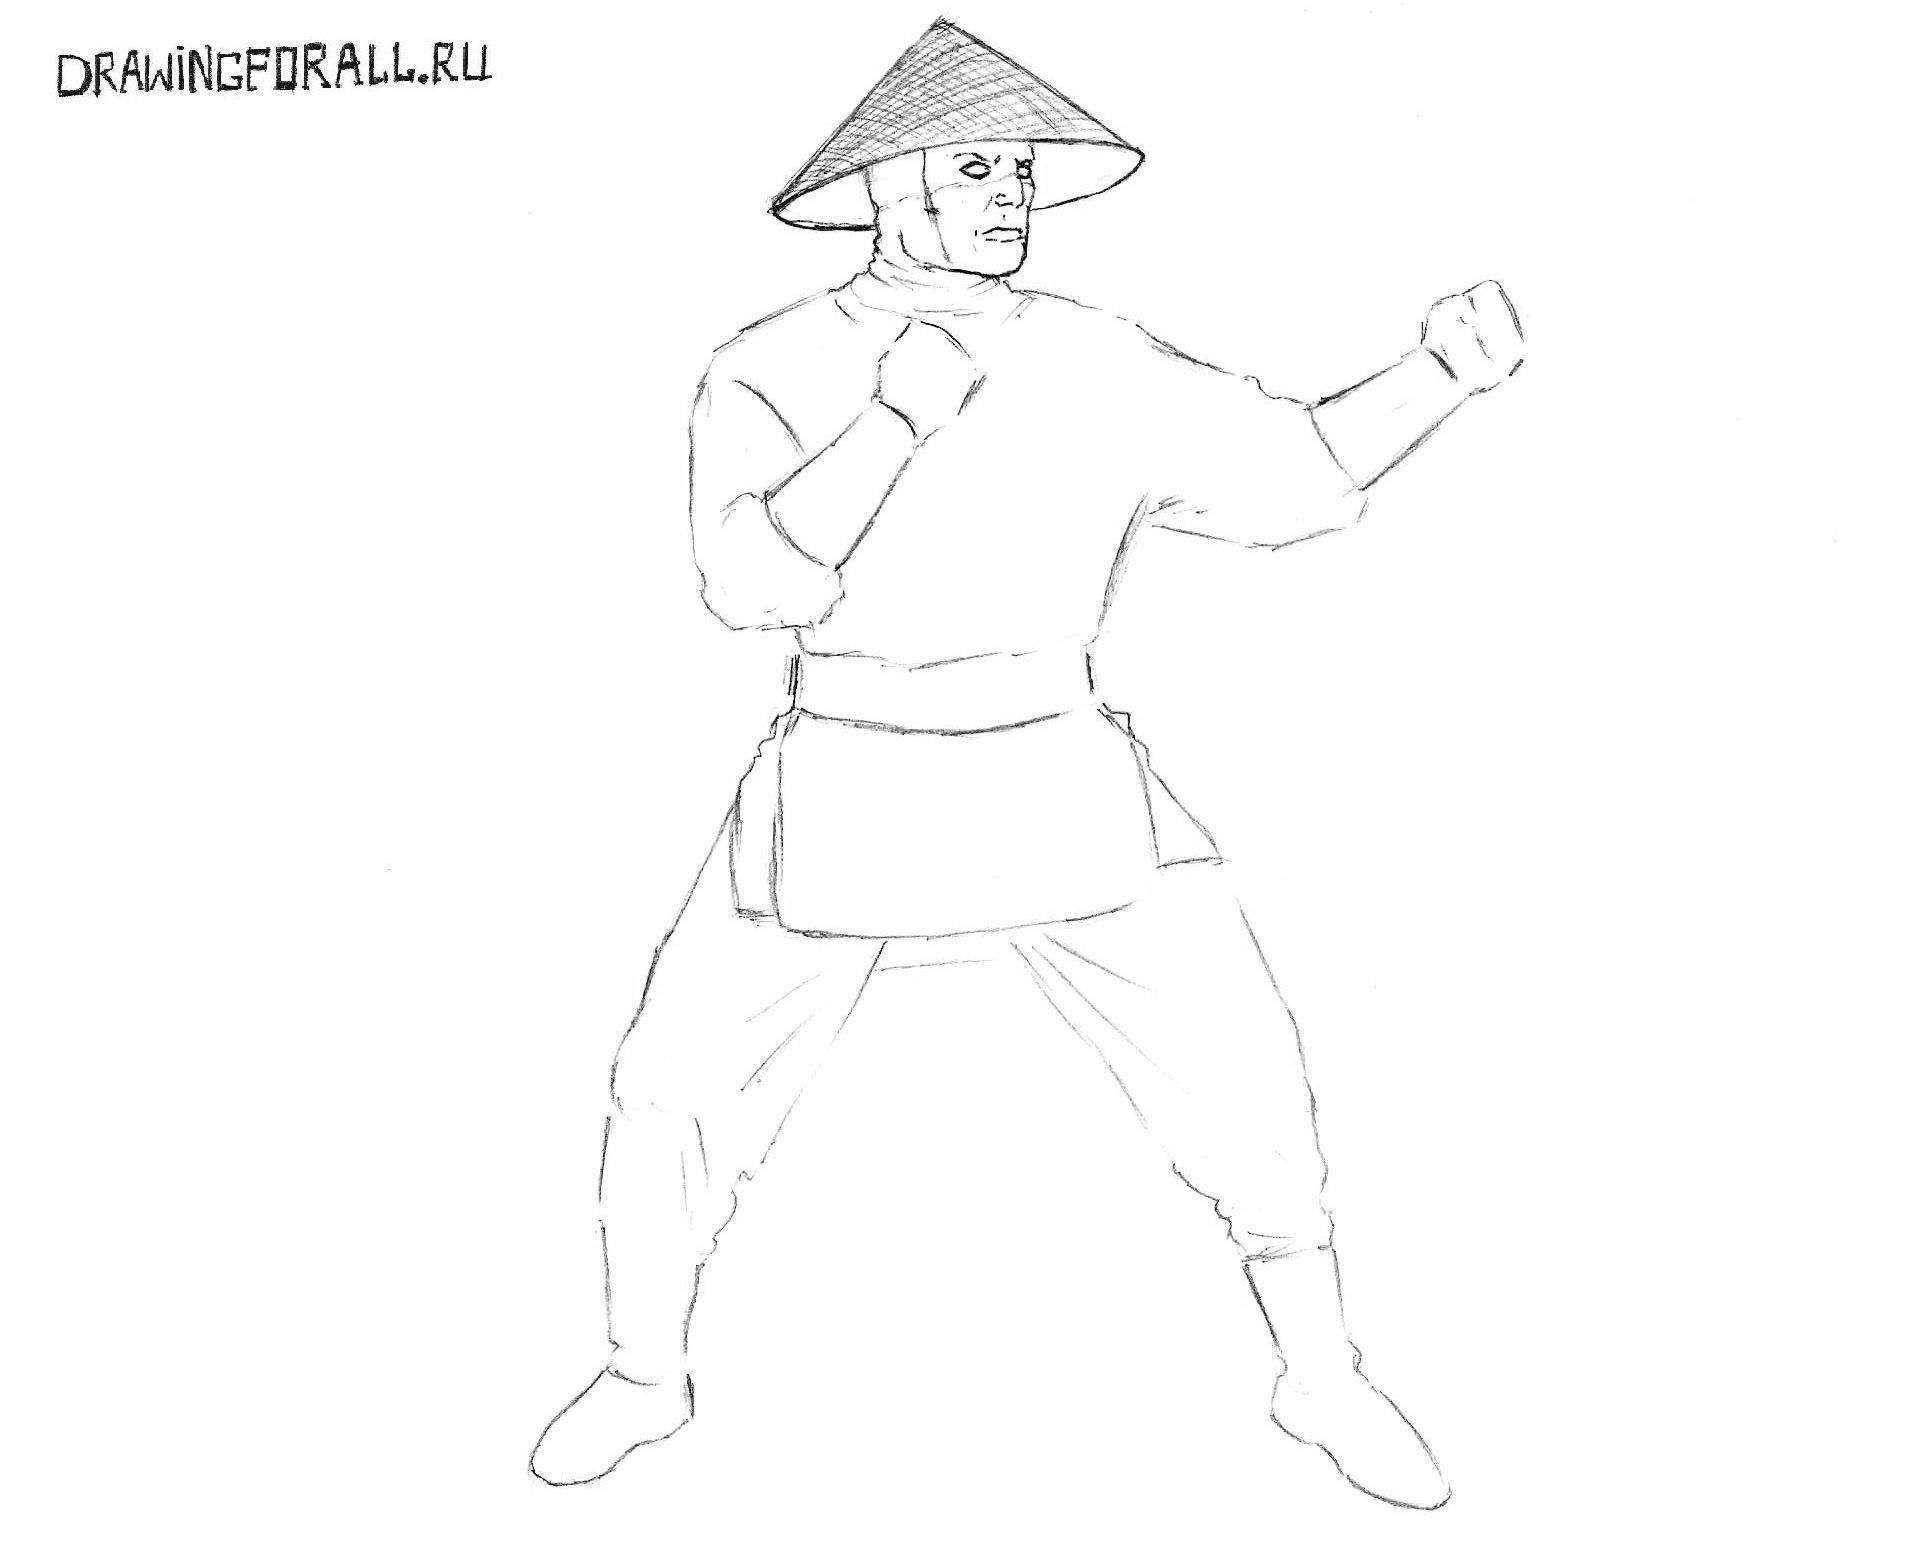 как нарисовать шляпу райдена